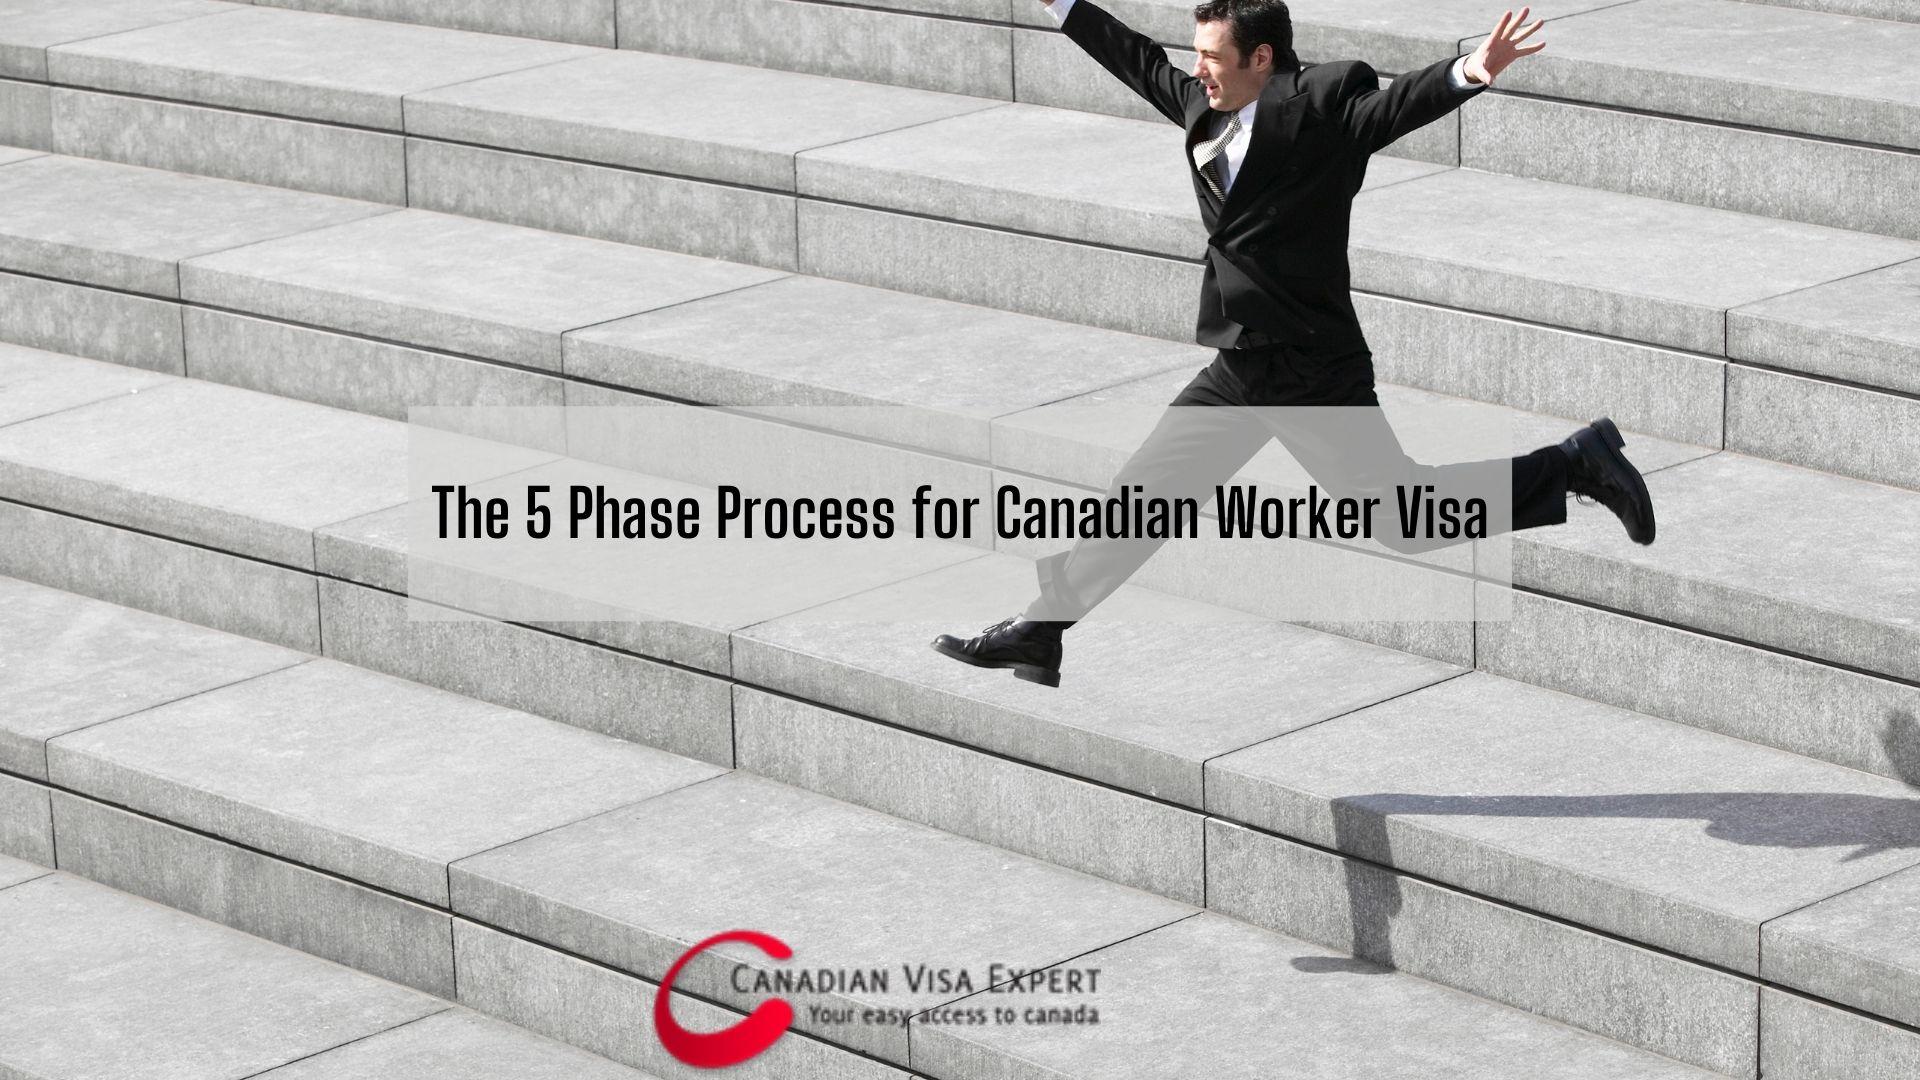 CVE – Canadian Visa Expert new